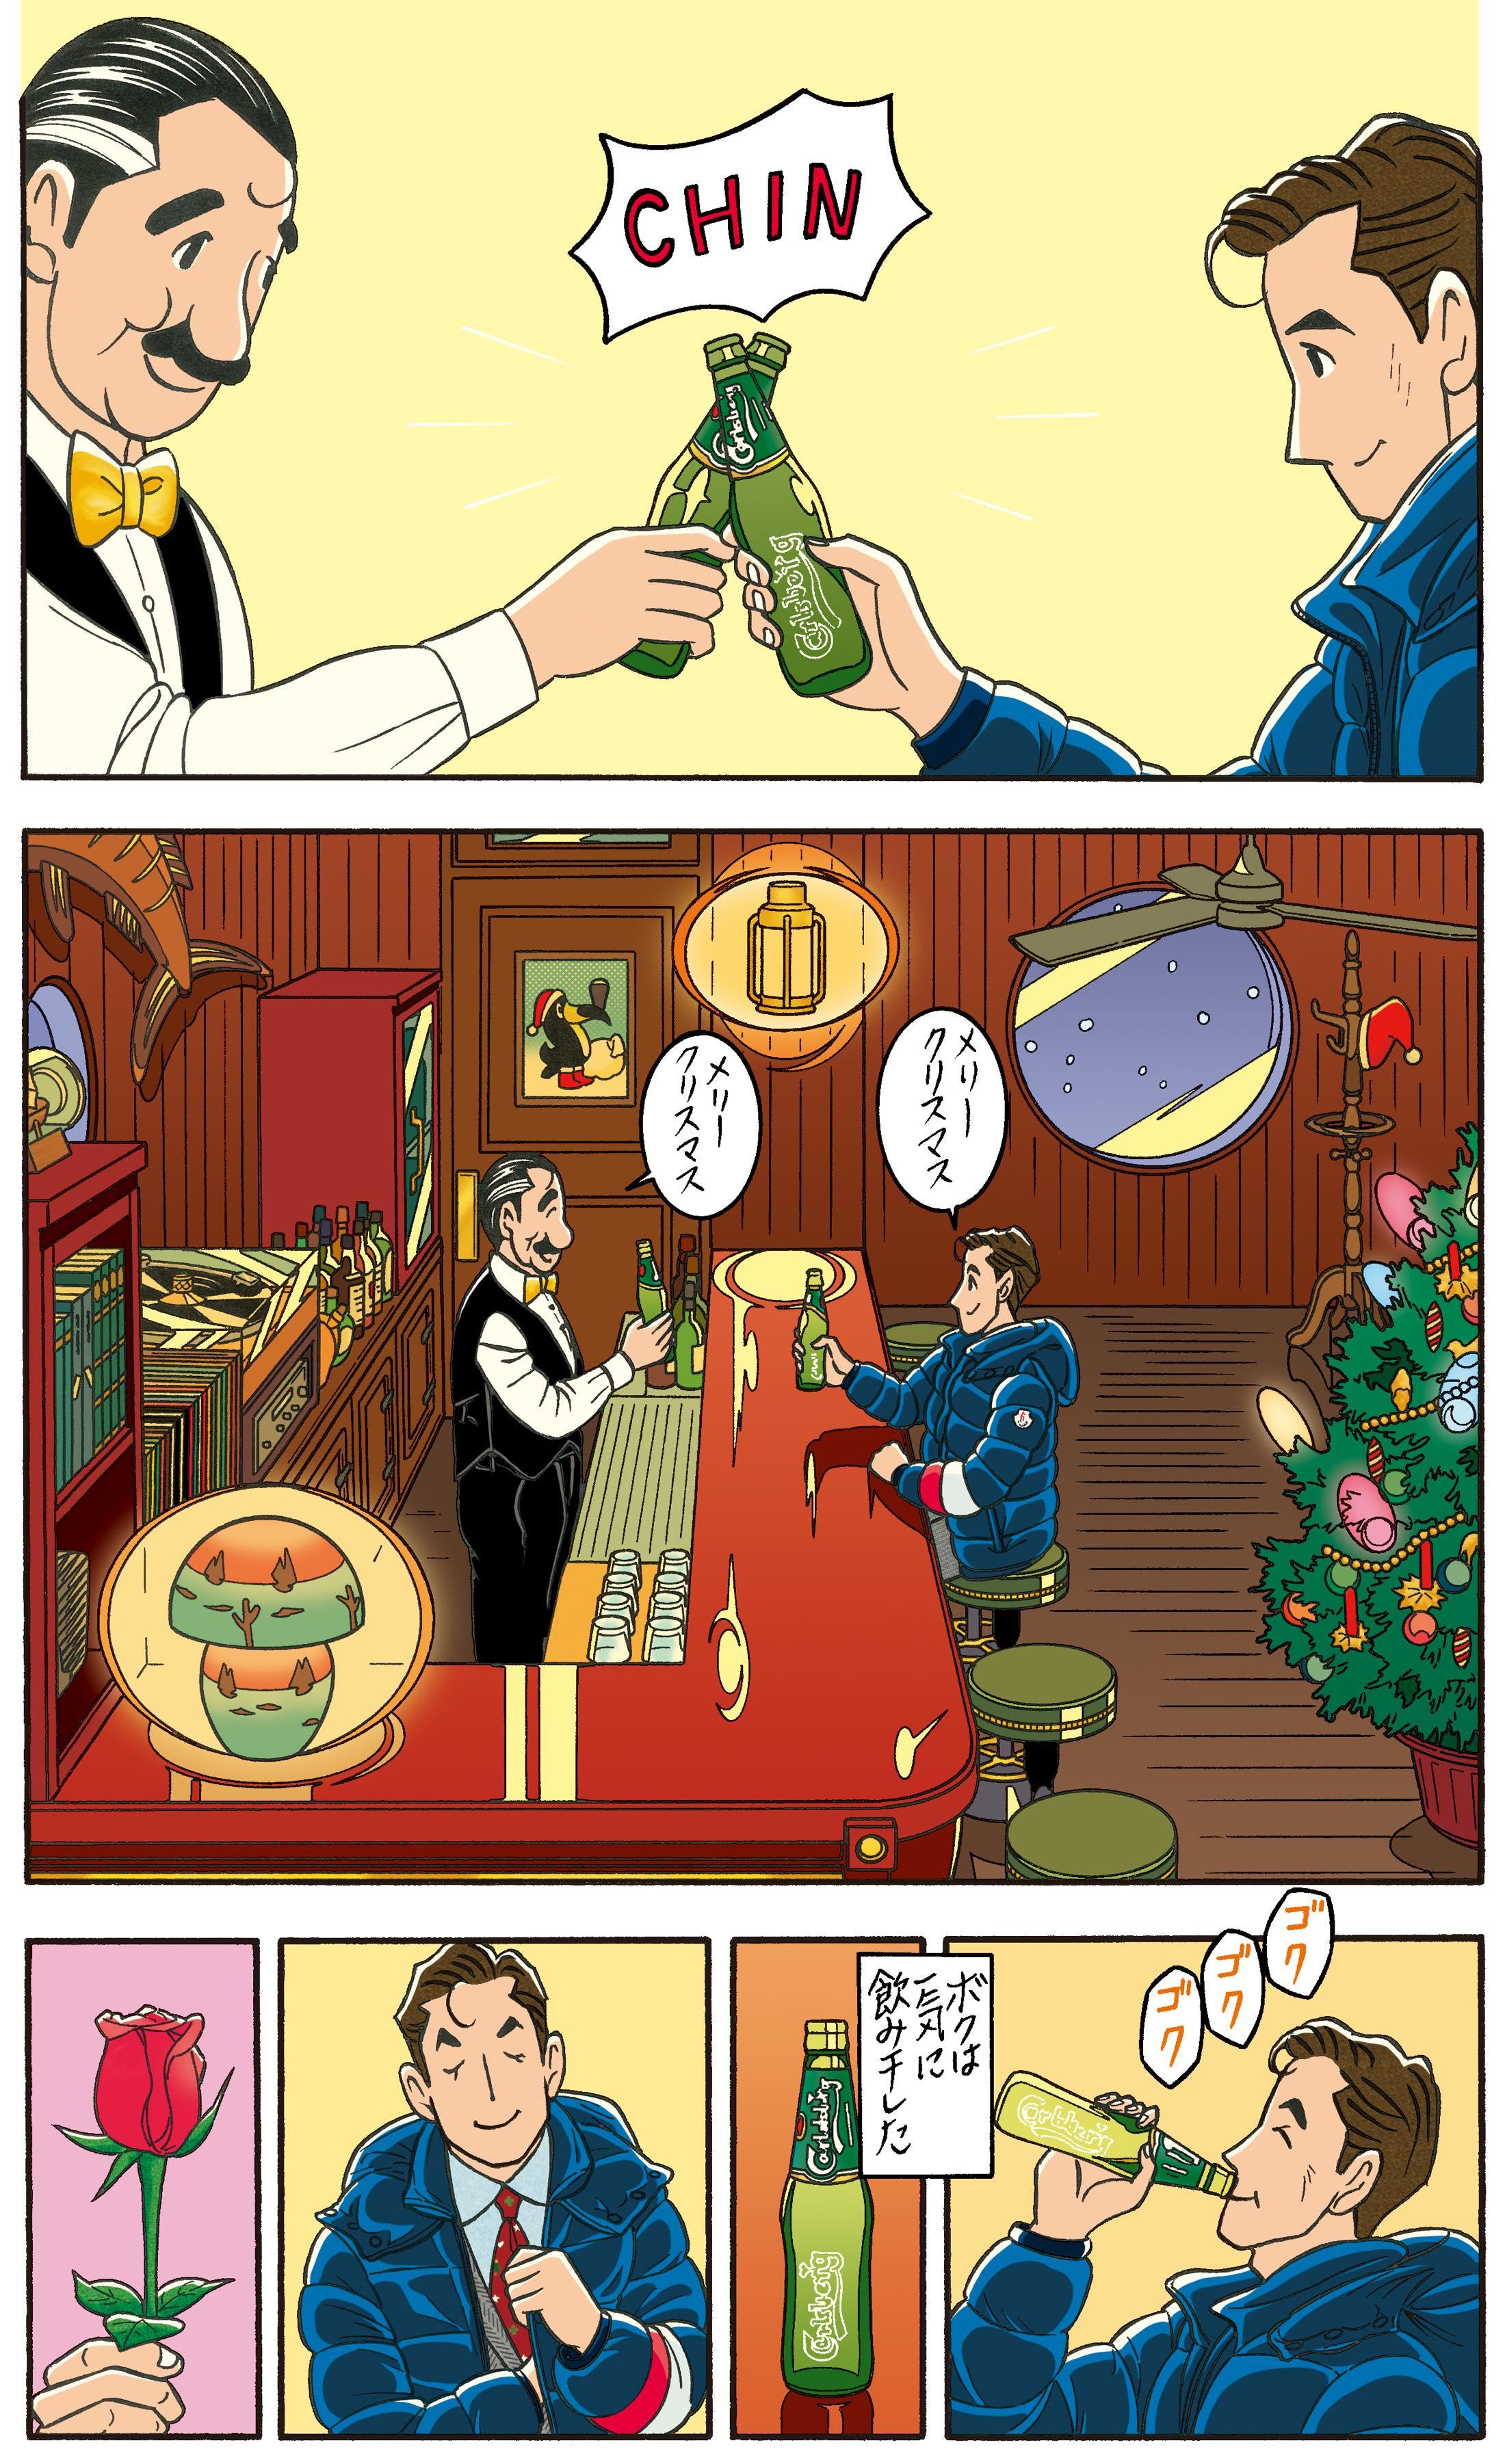 ワンダーカクテル 【第32話 サンタクロースの足音】6ページ目画像